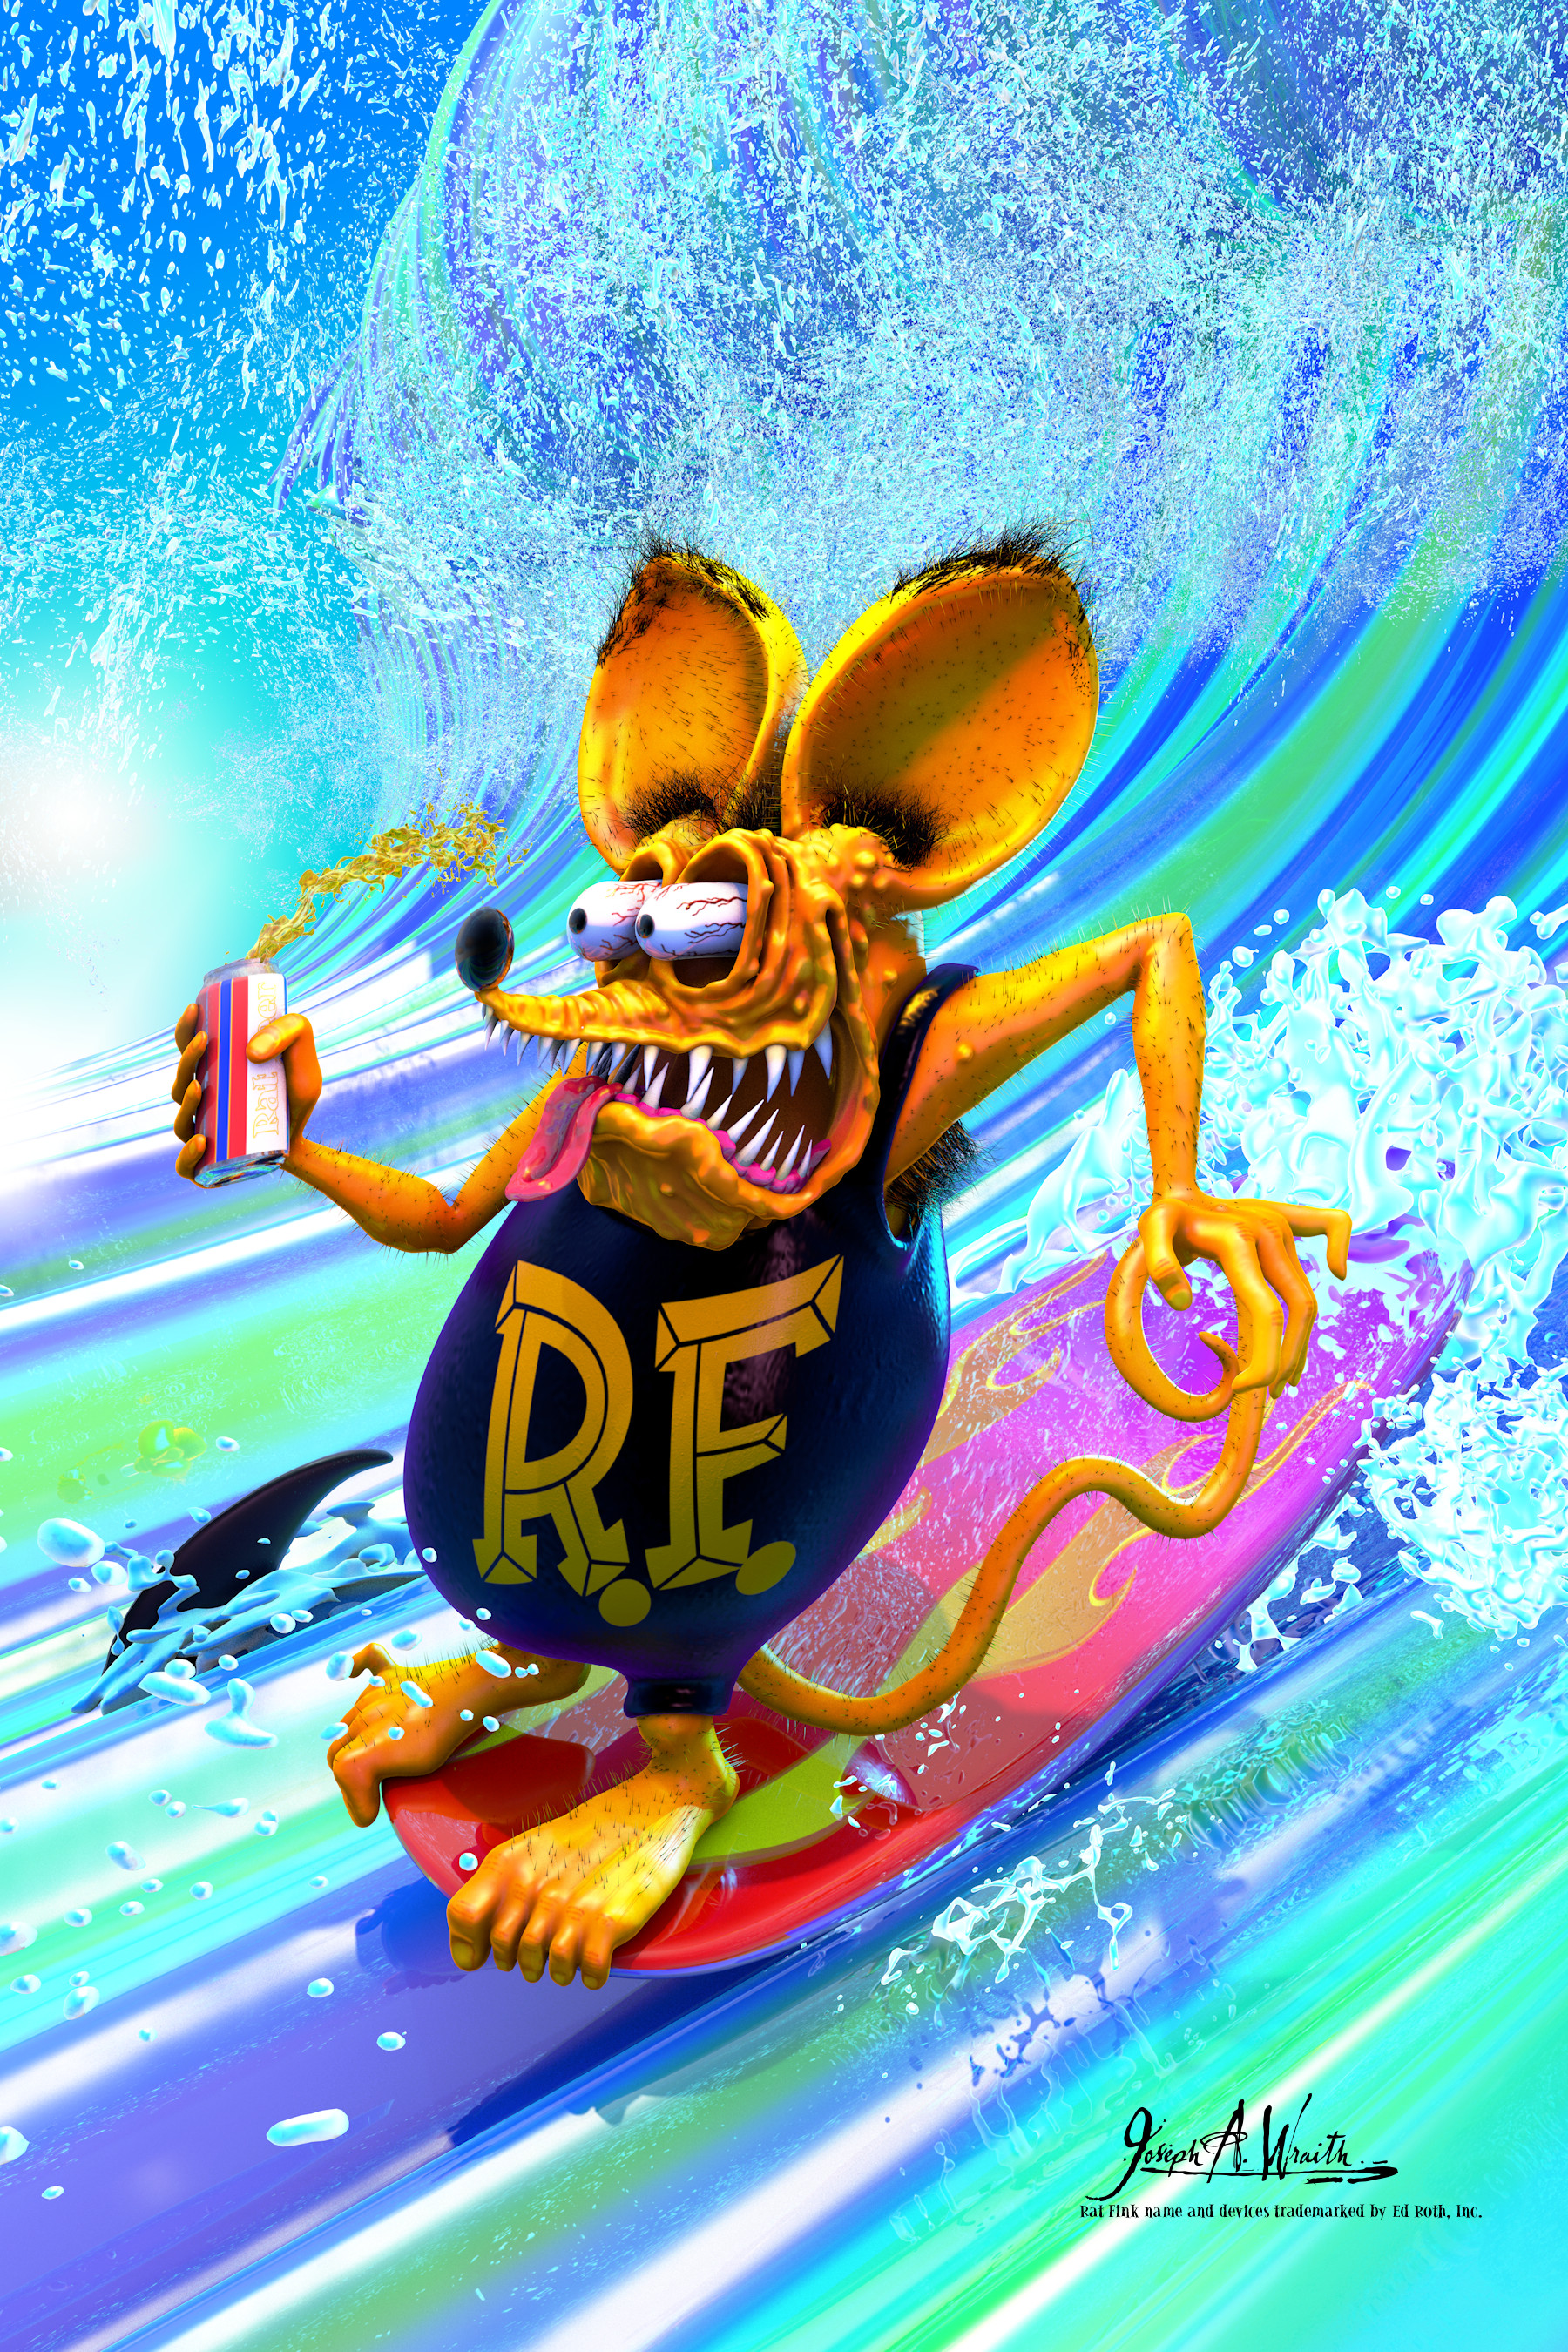 Joseph wraith ratfink surfing med